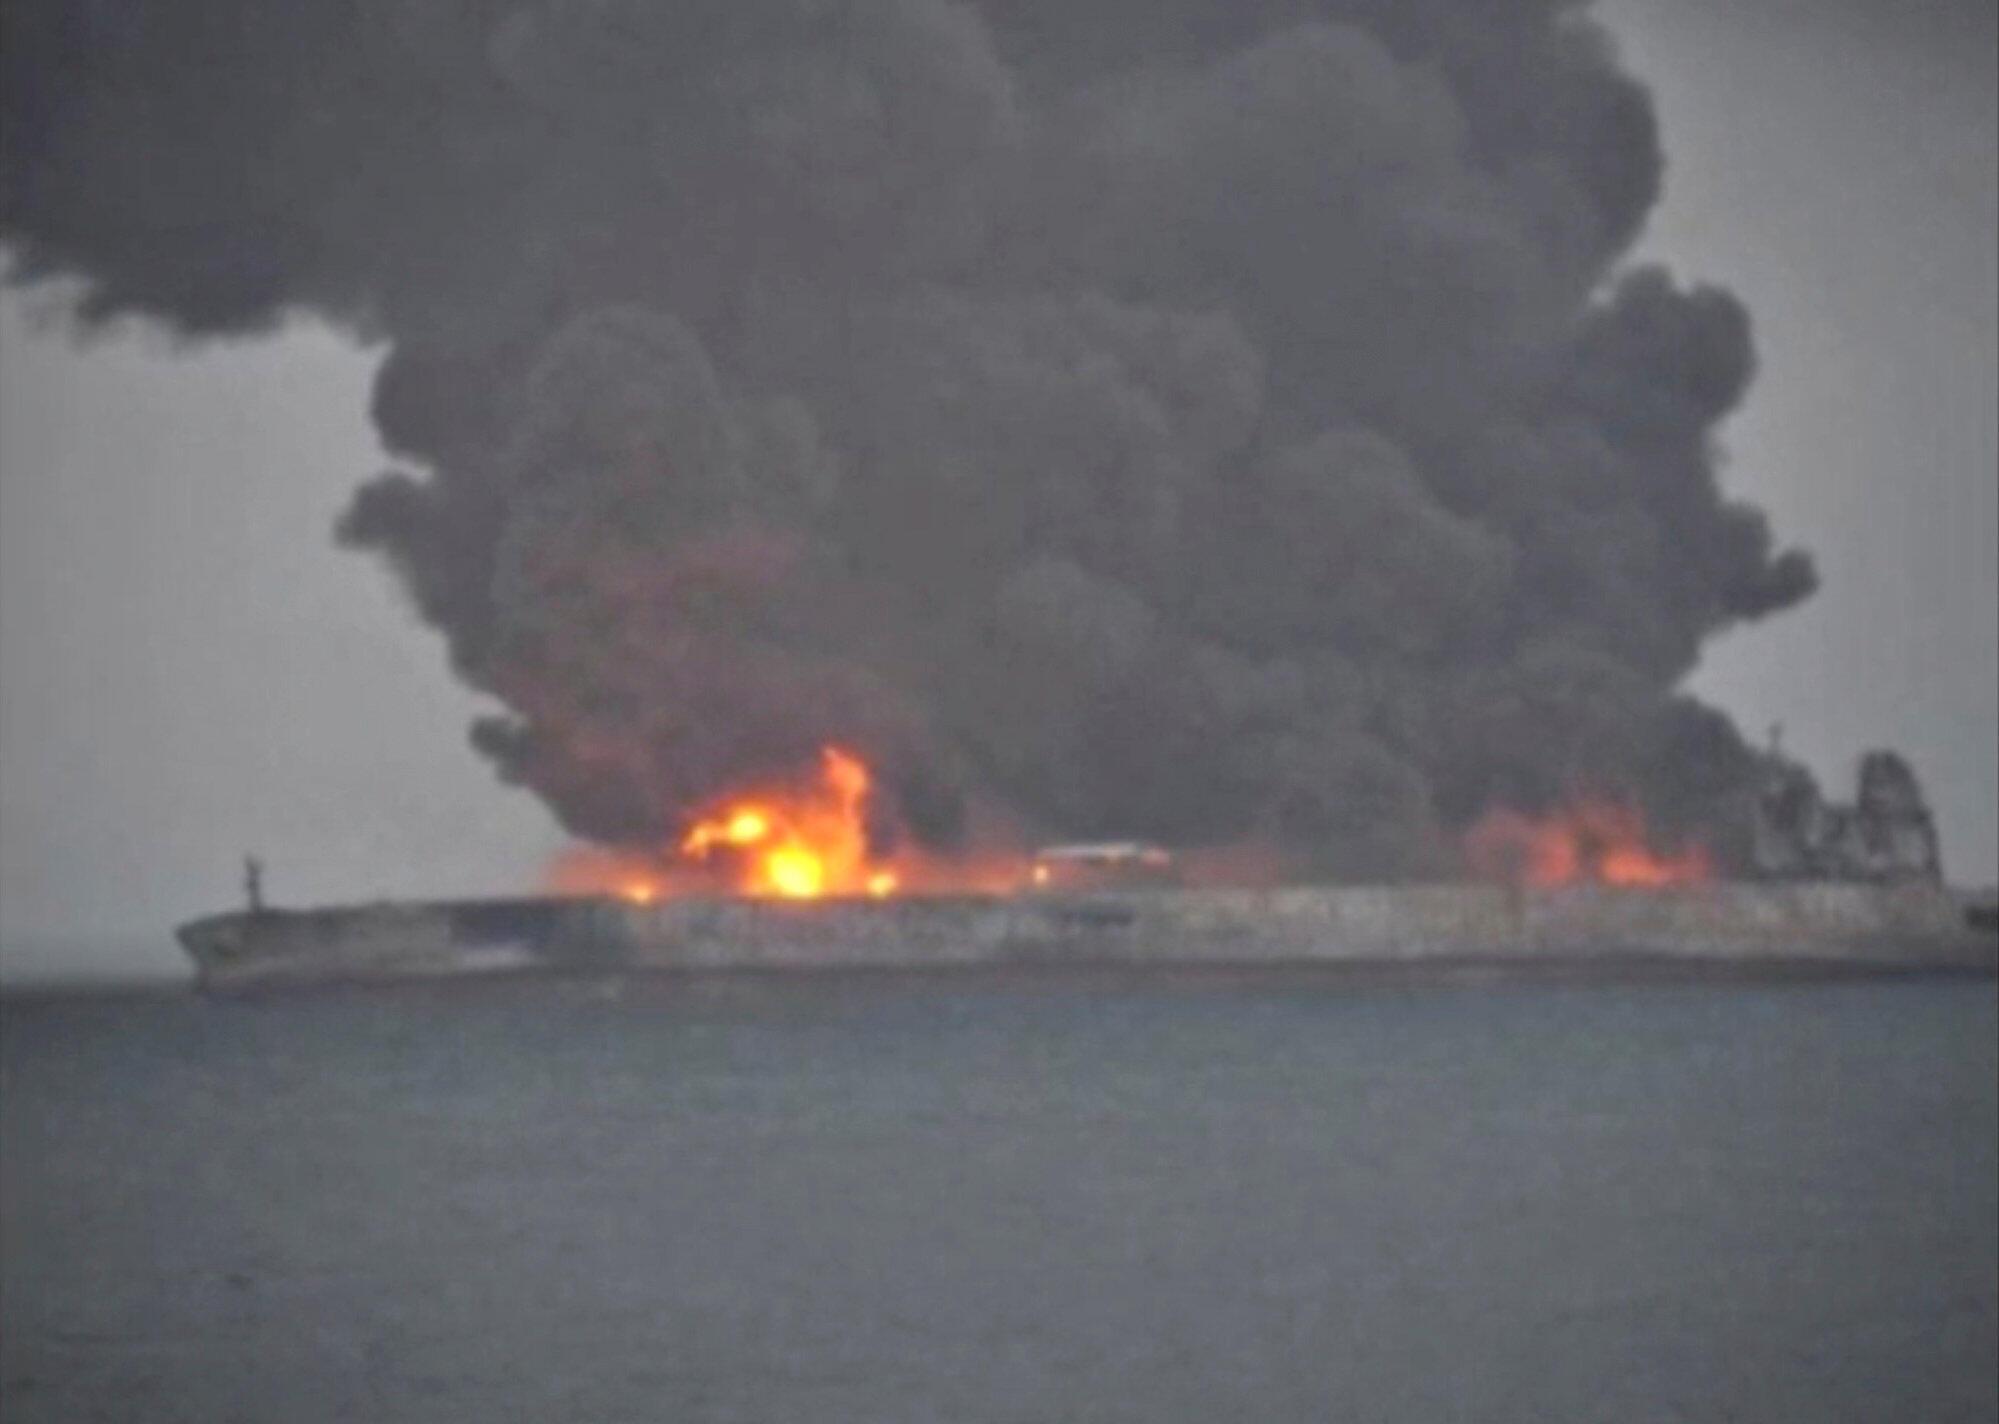 حریق نفتکش ایرانی در سواحل چین